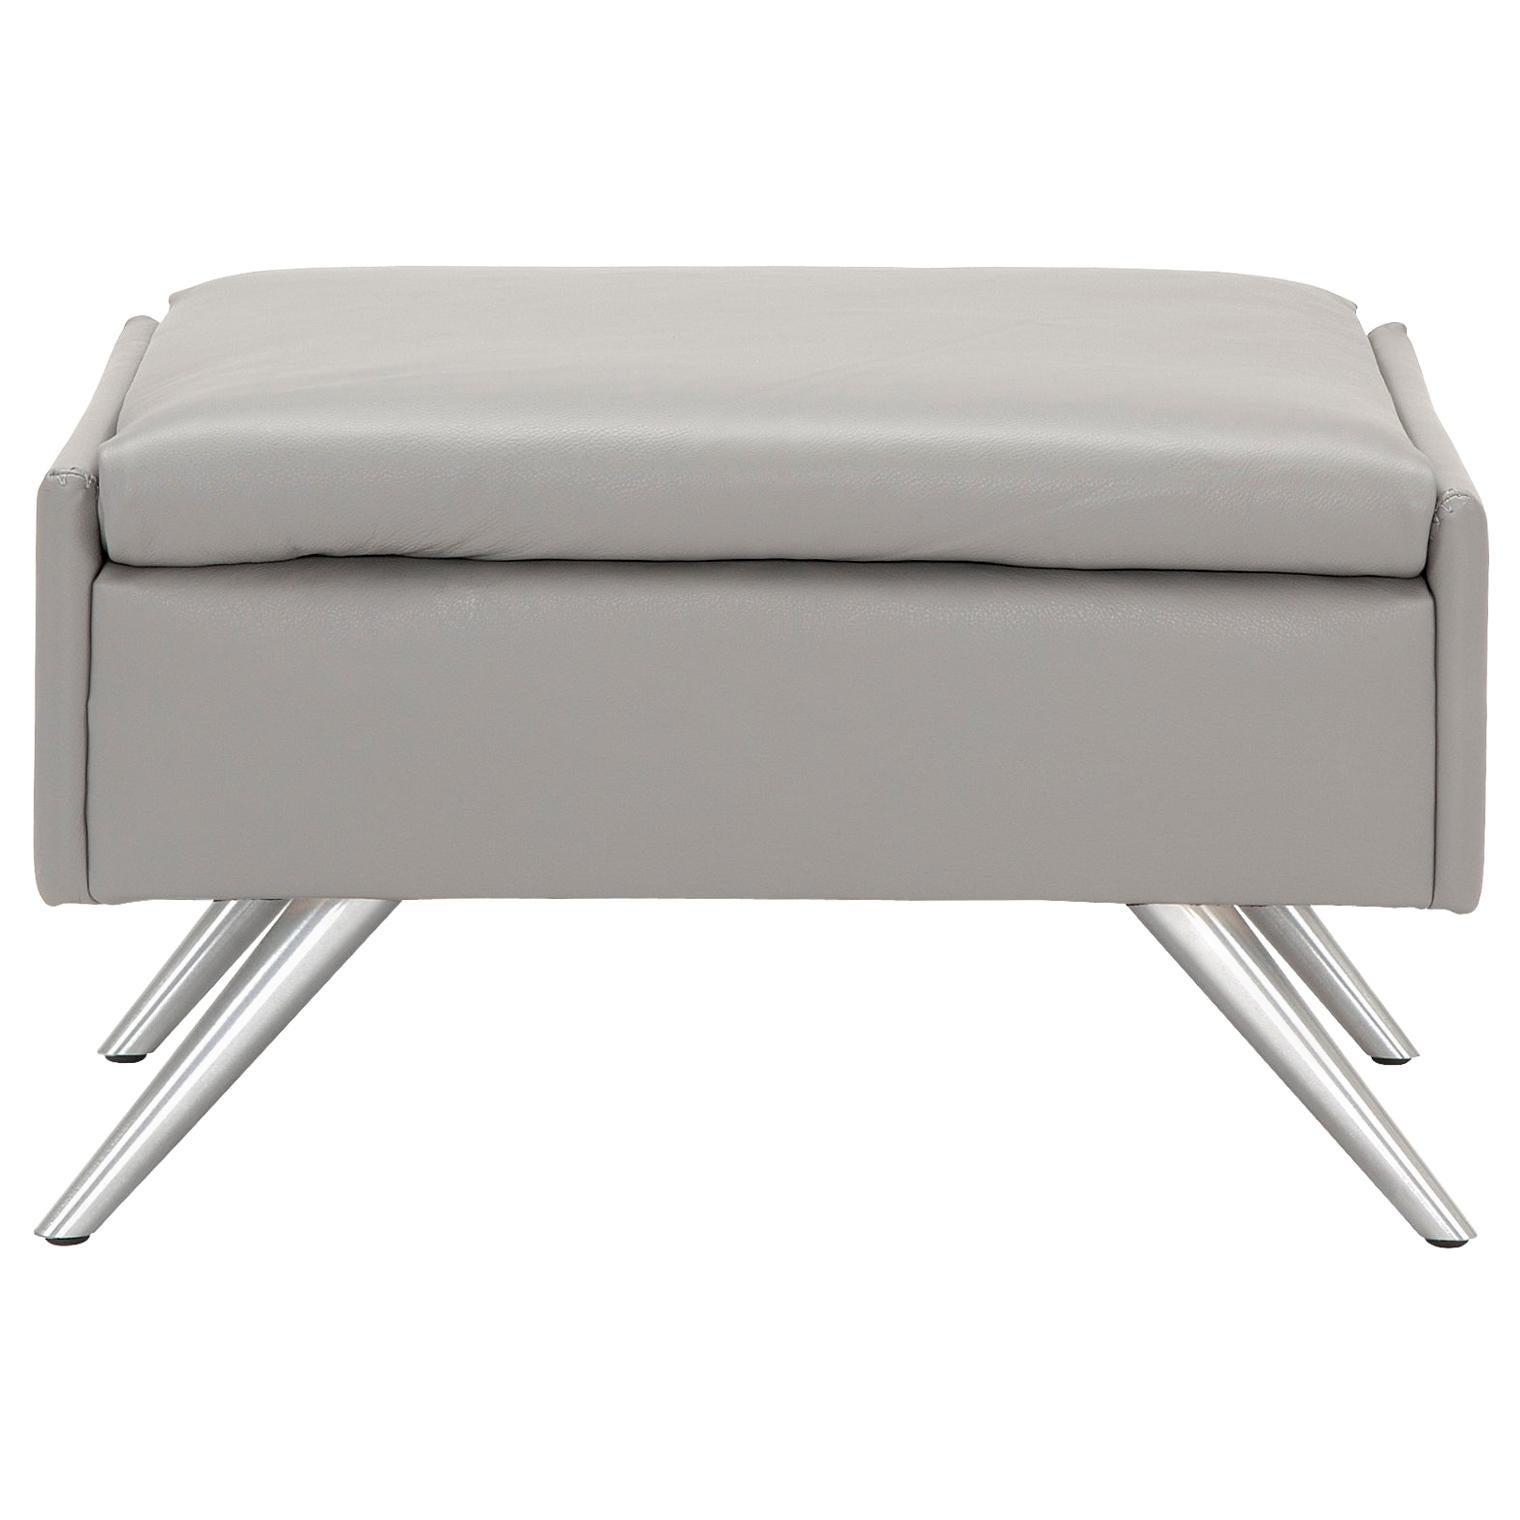 Phenomenal Amura Al Pouf In Light Gray Leather By Luca Scacchetti Inzonedesignstudio Interior Chair Design Inzonedesignstudiocom